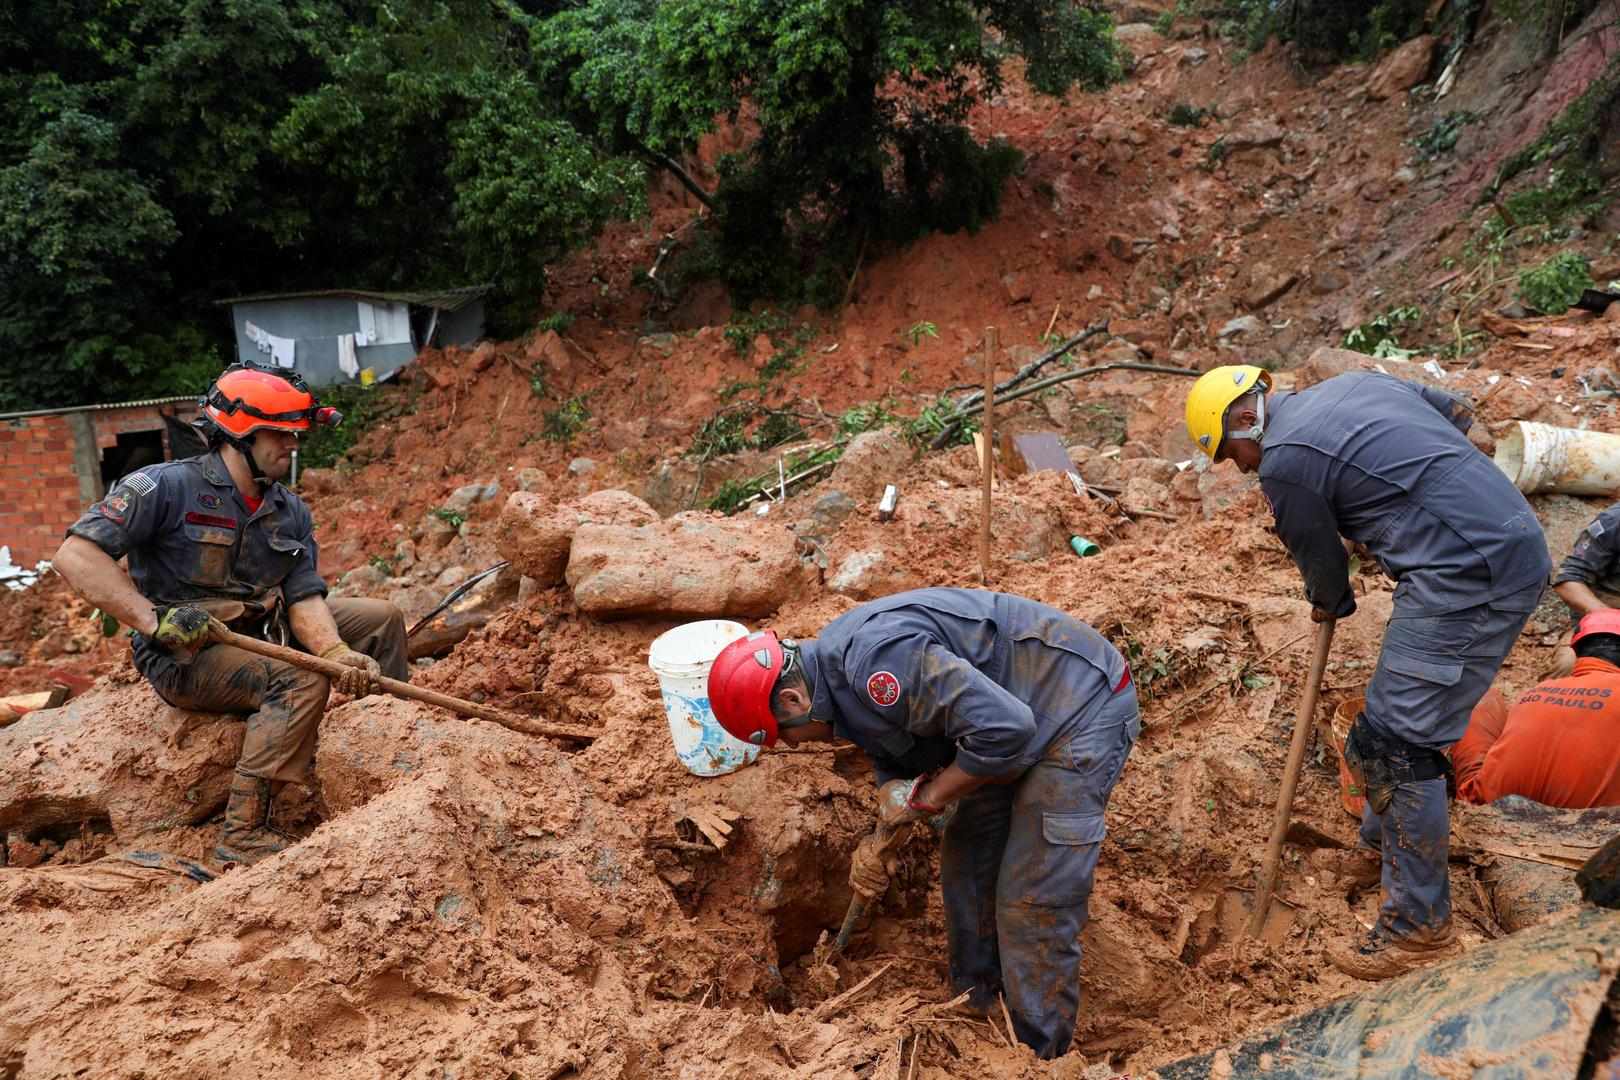 Feuerwehrmänner suchen nach Überlebenden nach einer Schlammlawine in Morro do Macaco Molhado, Guaruja, Brasilien